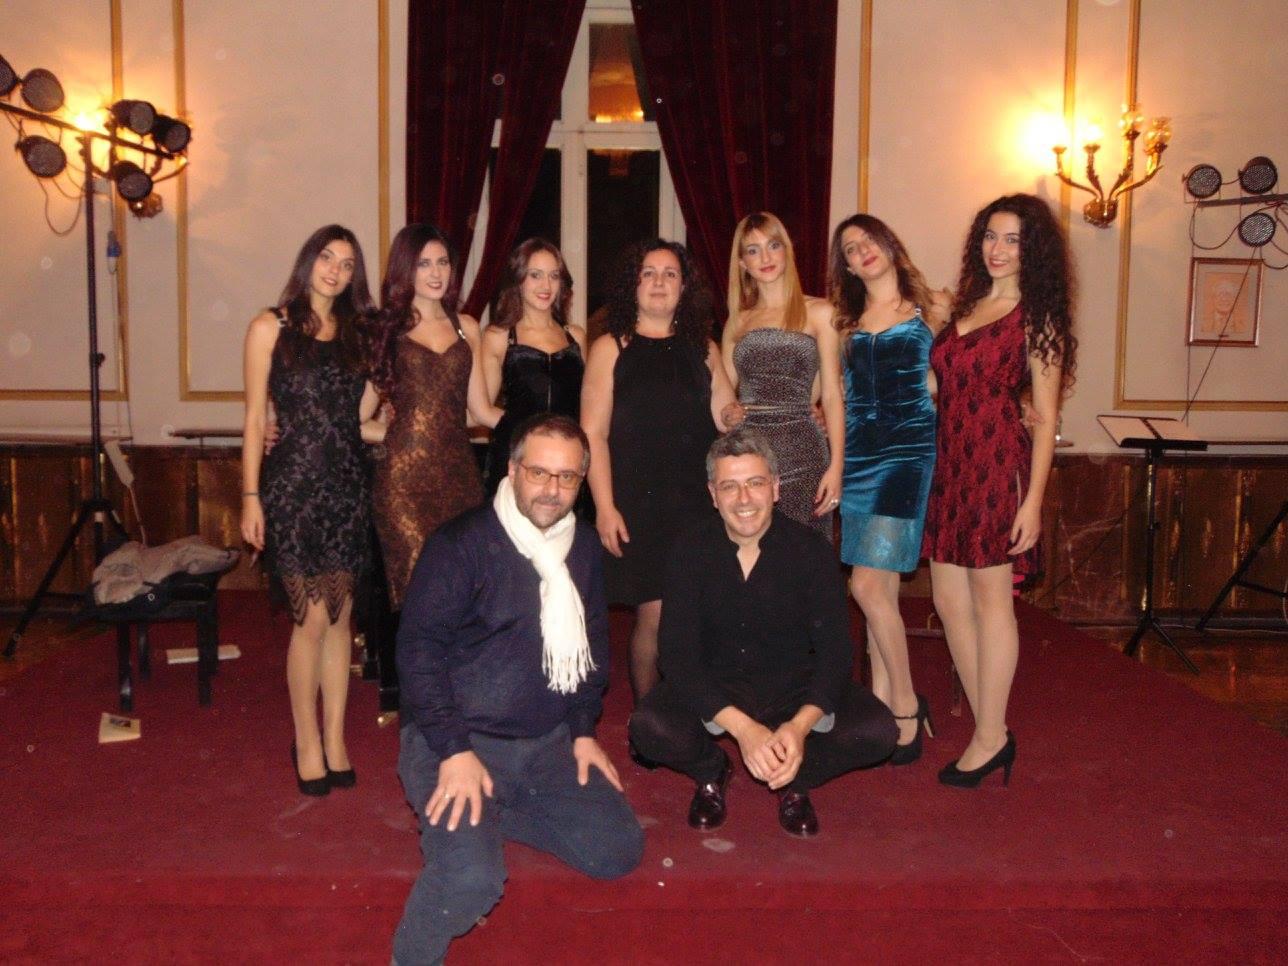 A Cosenza una rassegna dedicata al tango: dibattiti, spettacoli e sfilate di moda